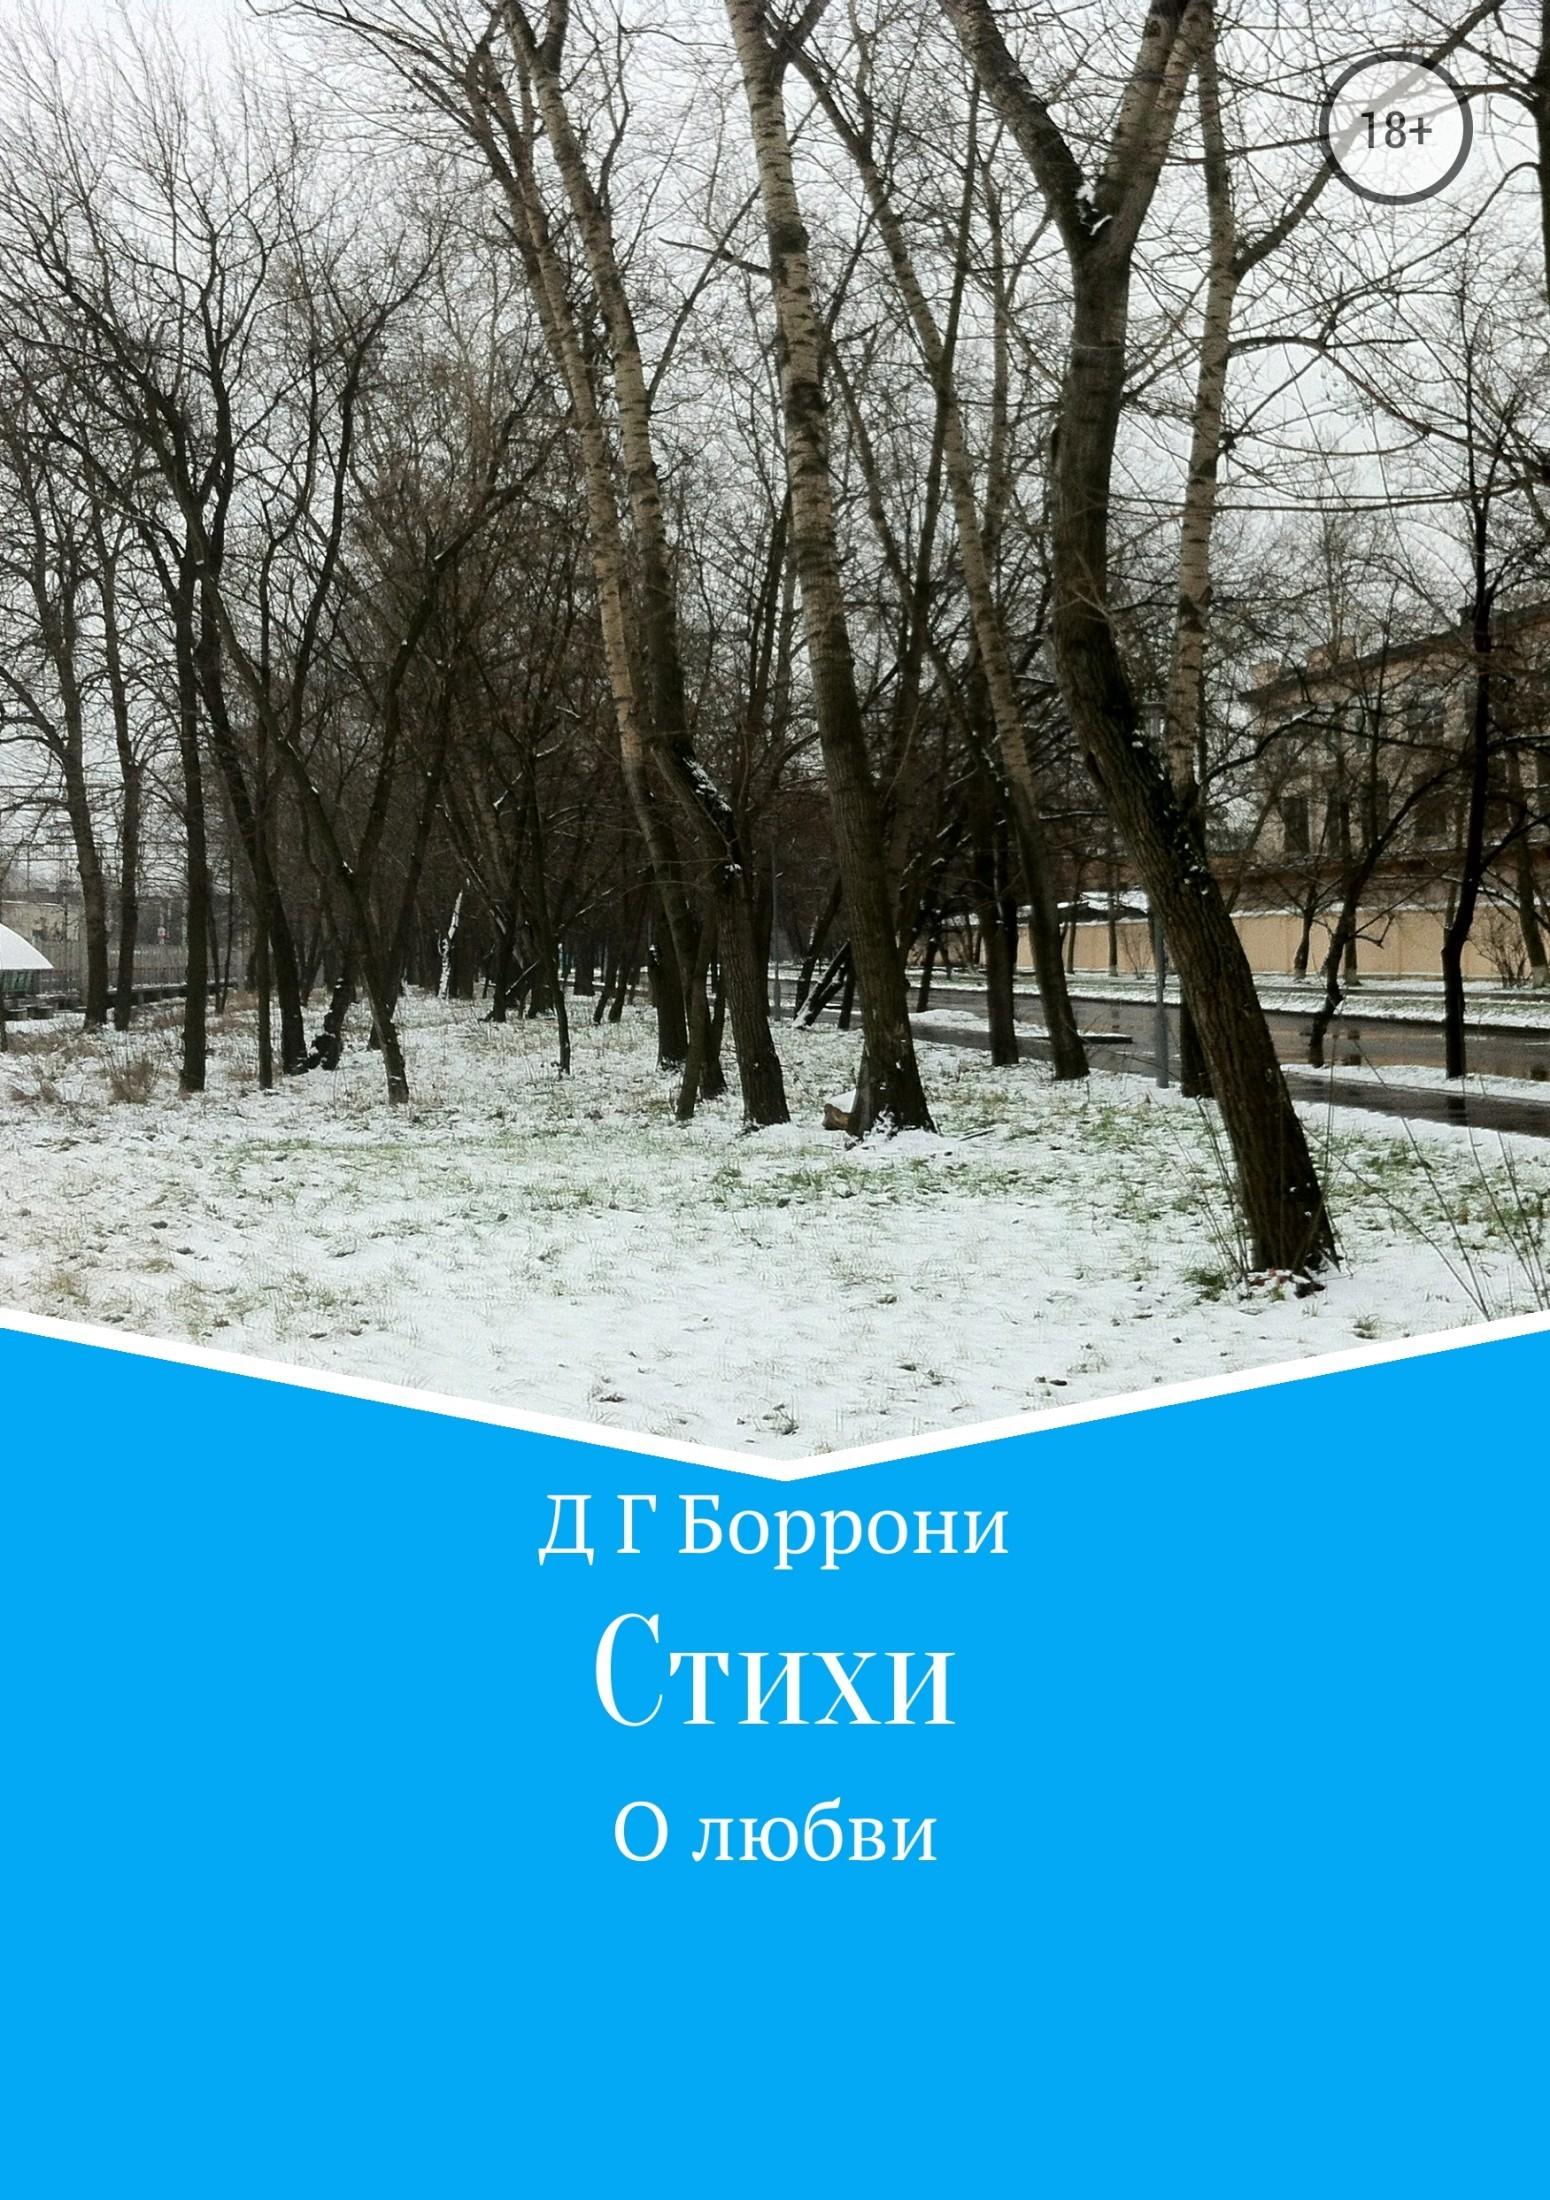 Дмитрий Георгиевич Боррони Стихи о любви